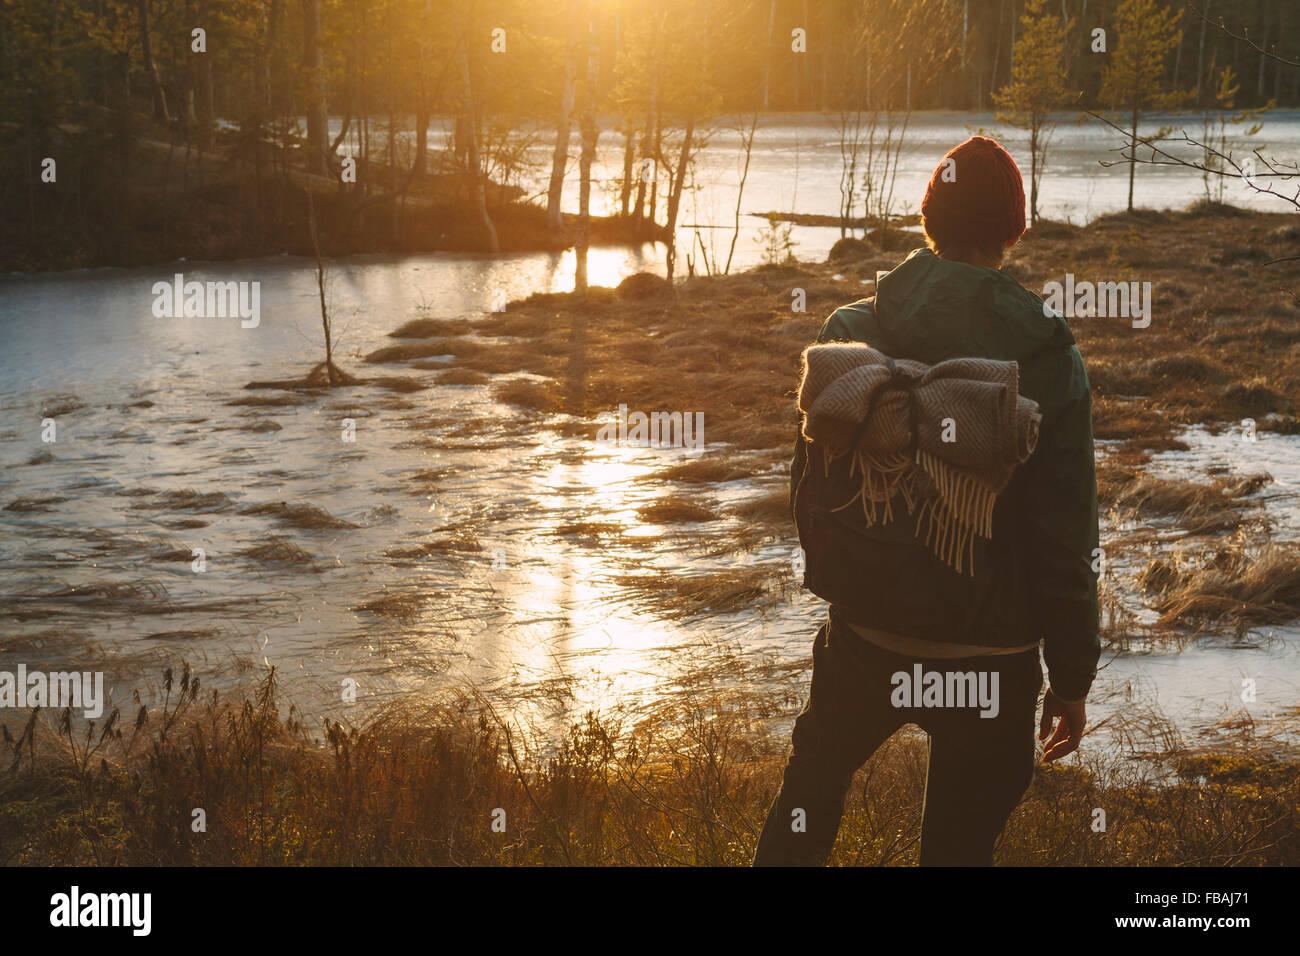 Finnland, ESO, Kvarntrask, junge Mann stehend auf sumpfigen Seeufer Stockbild